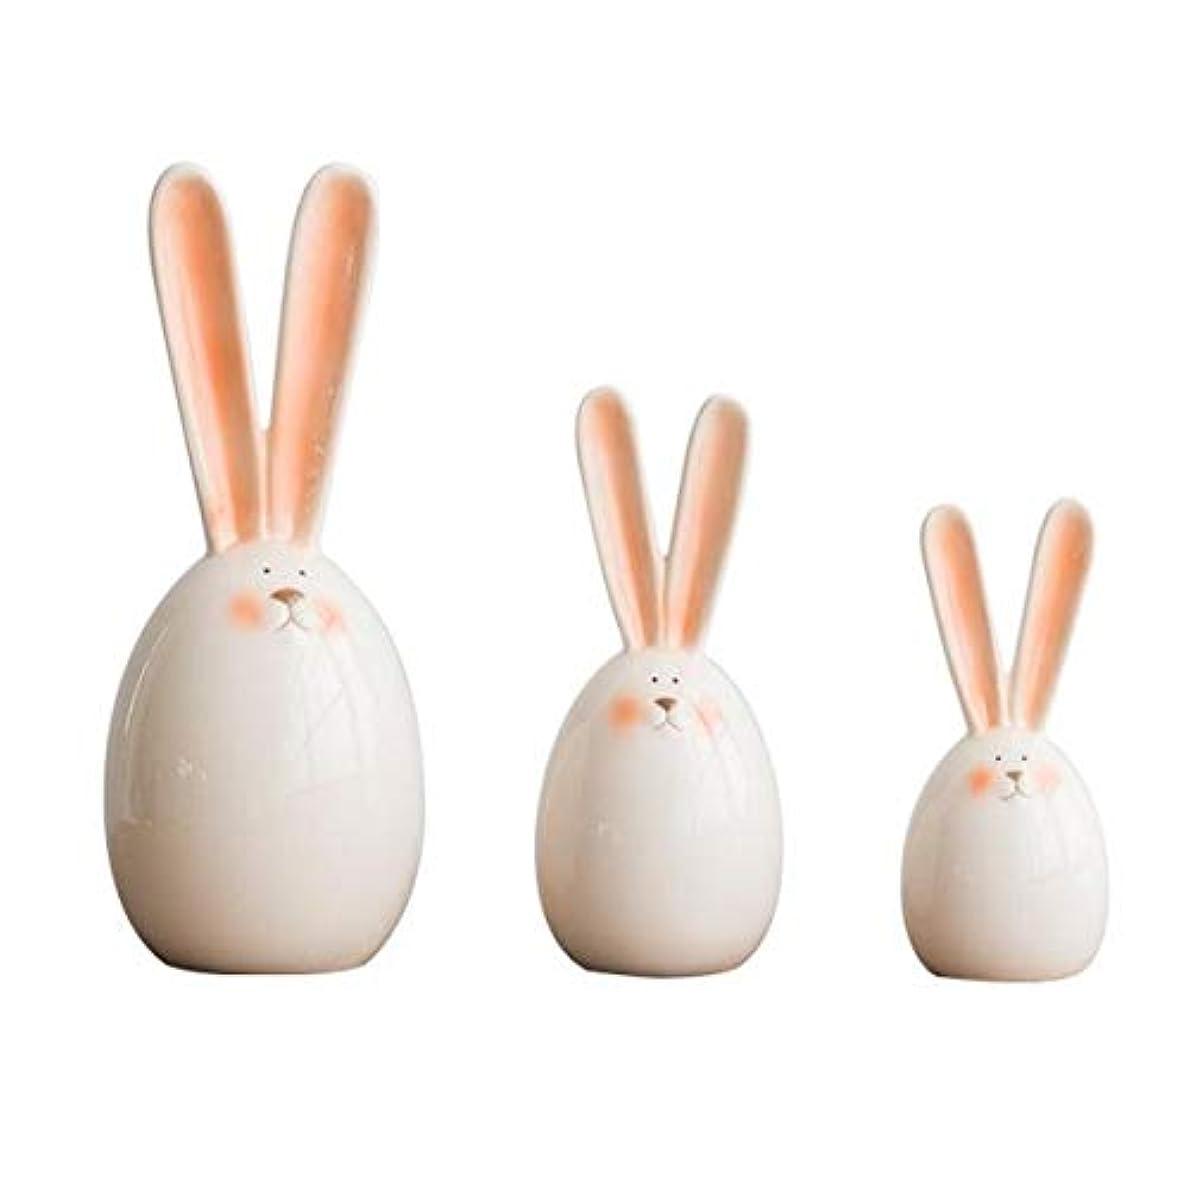 生じる暴露異議Jingfengtongxun リビングルームワインキャビネットテレビキャビネット漫画の装飾小さな装飾品誕生日プレゼントかわいいセラミックウサギの結婚祝いの表示,スタイリッシュなホリデーギフト (Style : Rabbit)